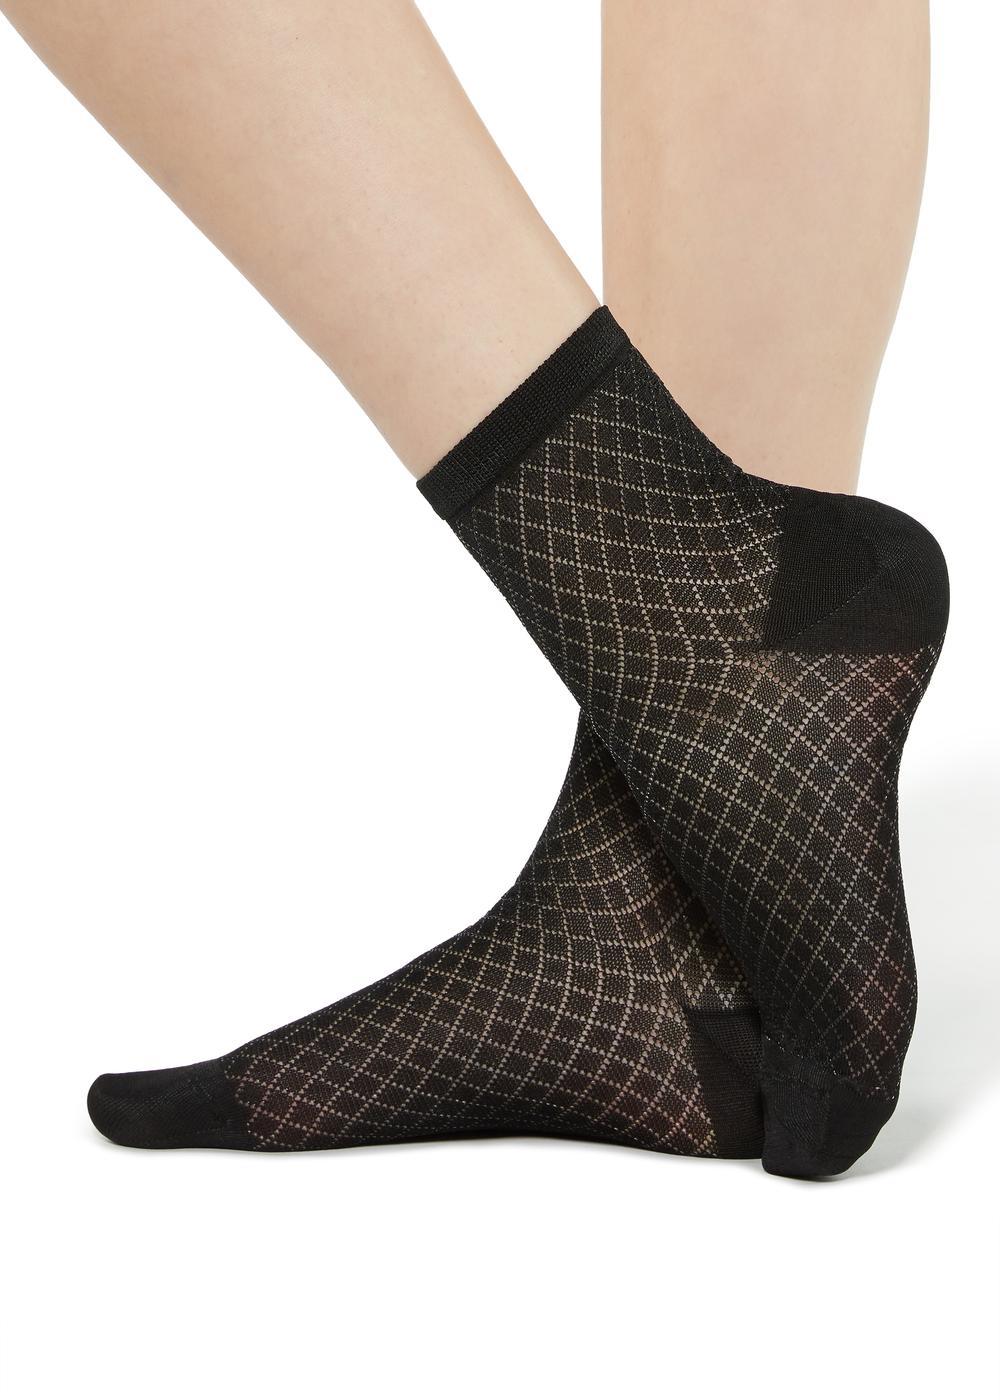 Fancy socks with geometric pattern